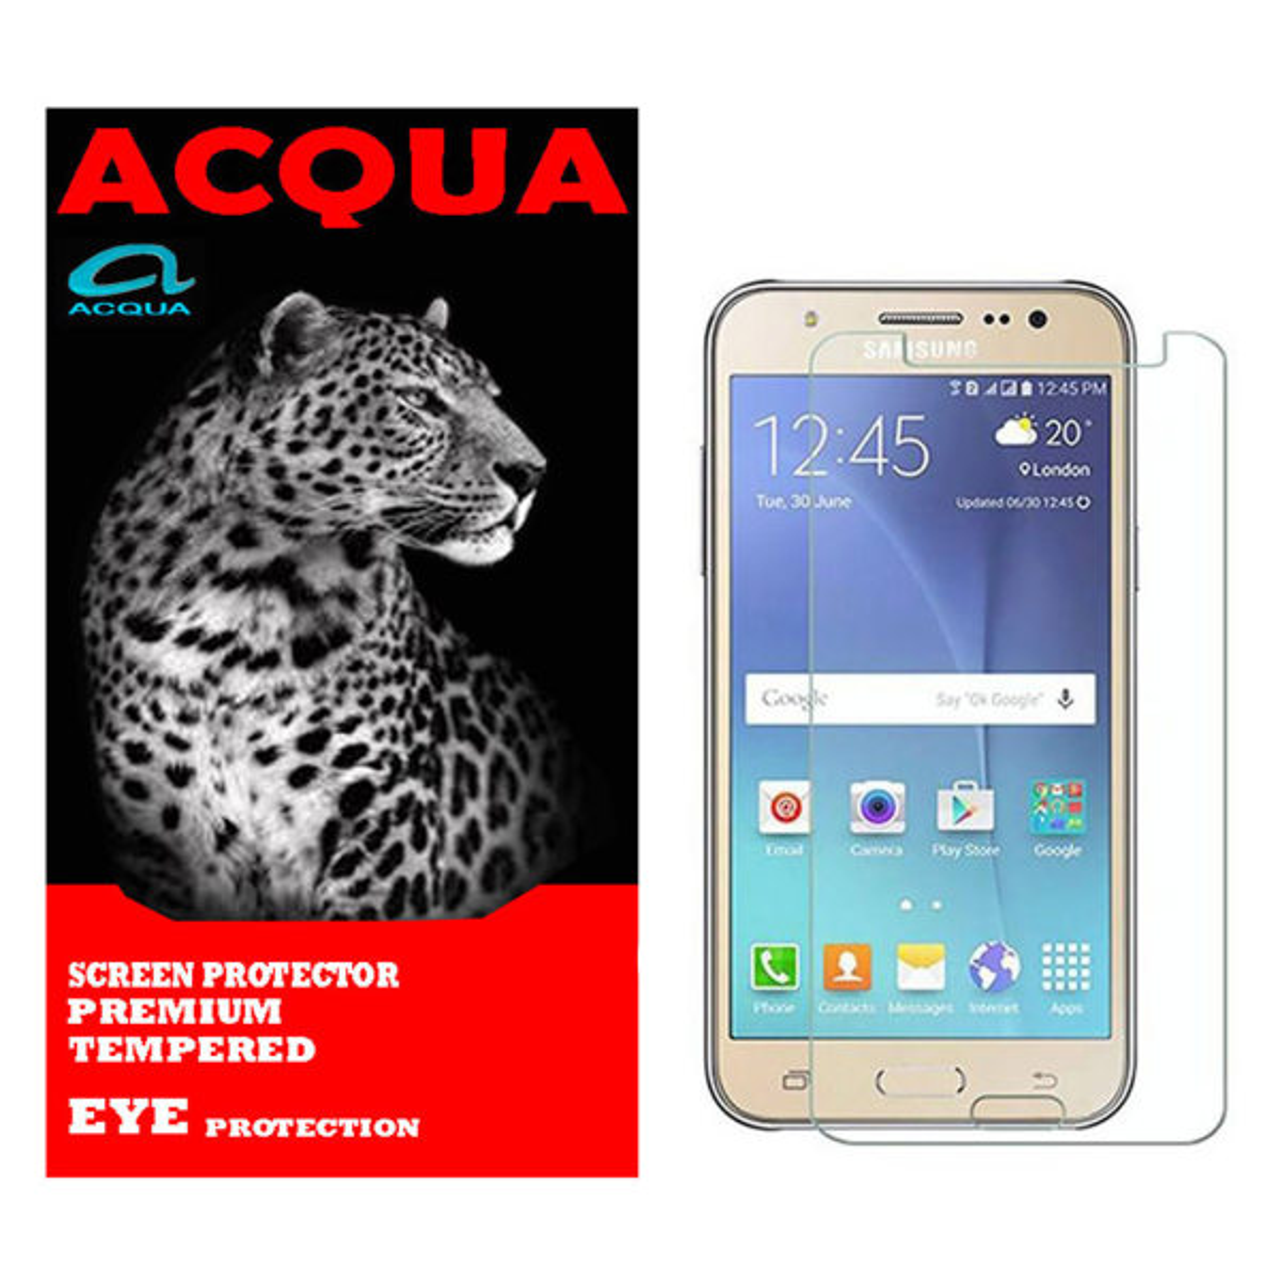 محافظ صفحه نمایش آکوا مدل SA مناسب برای گوشی موبایل سامسونگ Galaxy J5 2015